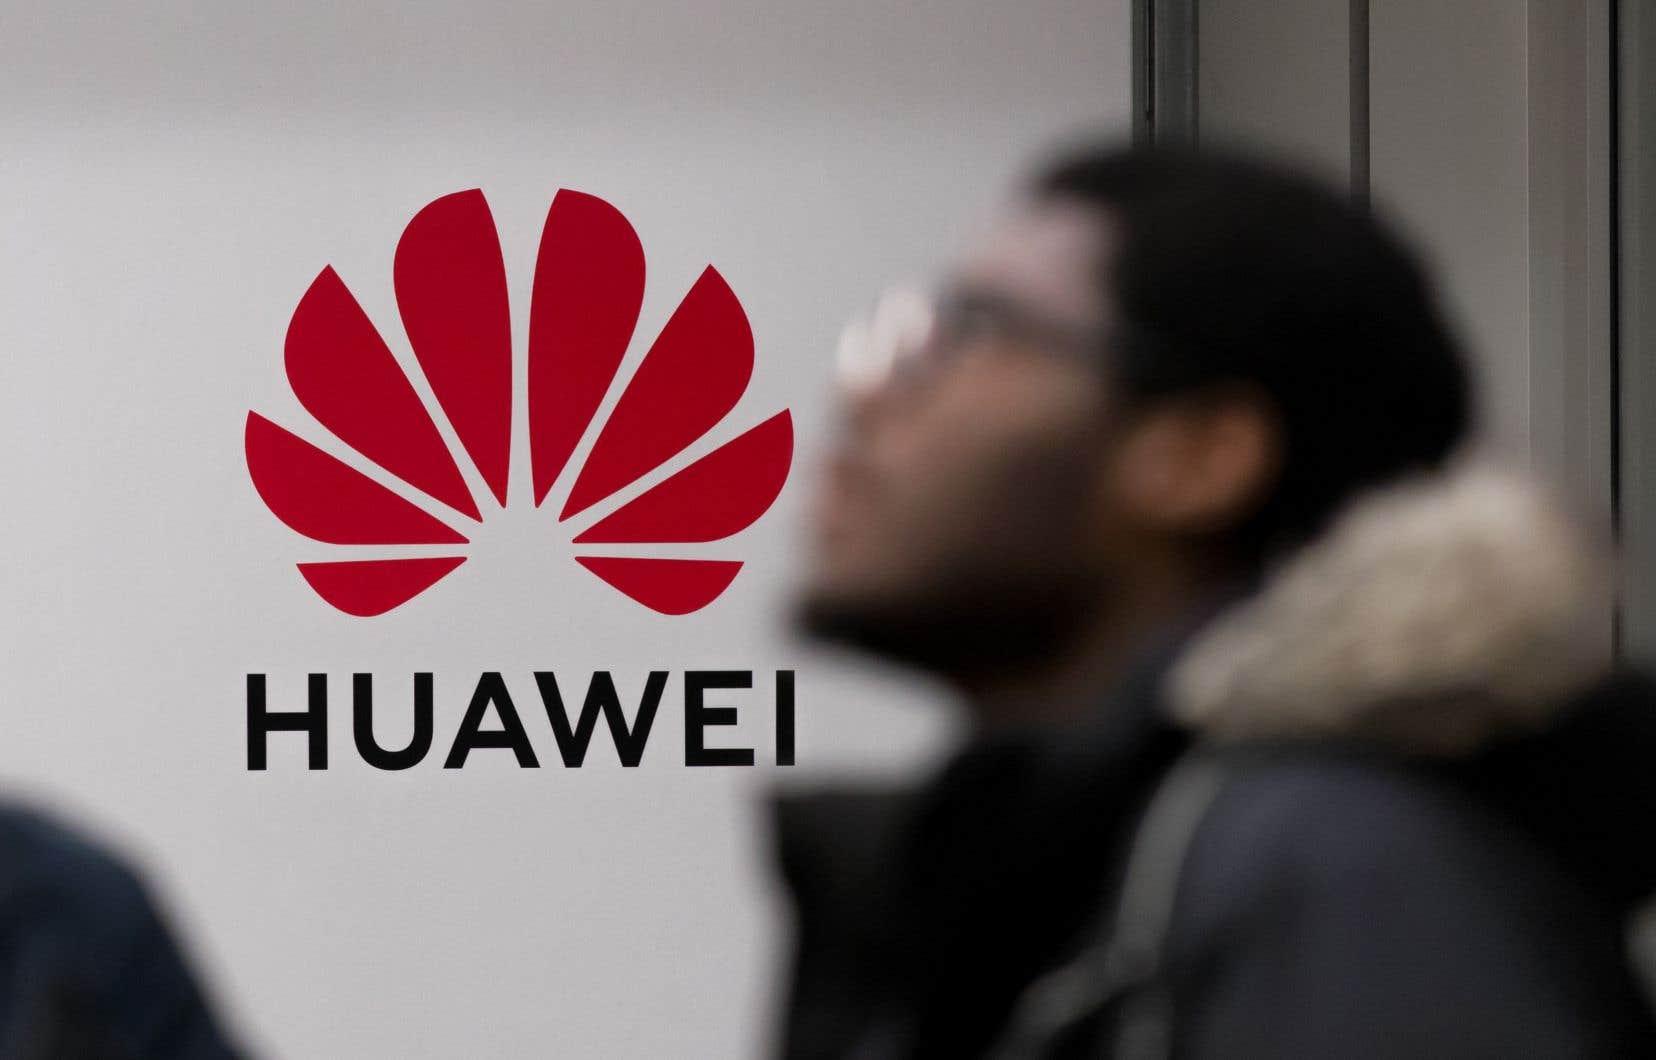 Pour la Coalition des associations de consommateurs du Québec, il s'avère que les fournisseurs de téléphonie mobile canadiens, qui vendent les appareils Huawei, ne pourront se délester des tuiles qui s'abattent sur le fabricant chinois. Guerre commerciale ou pas.